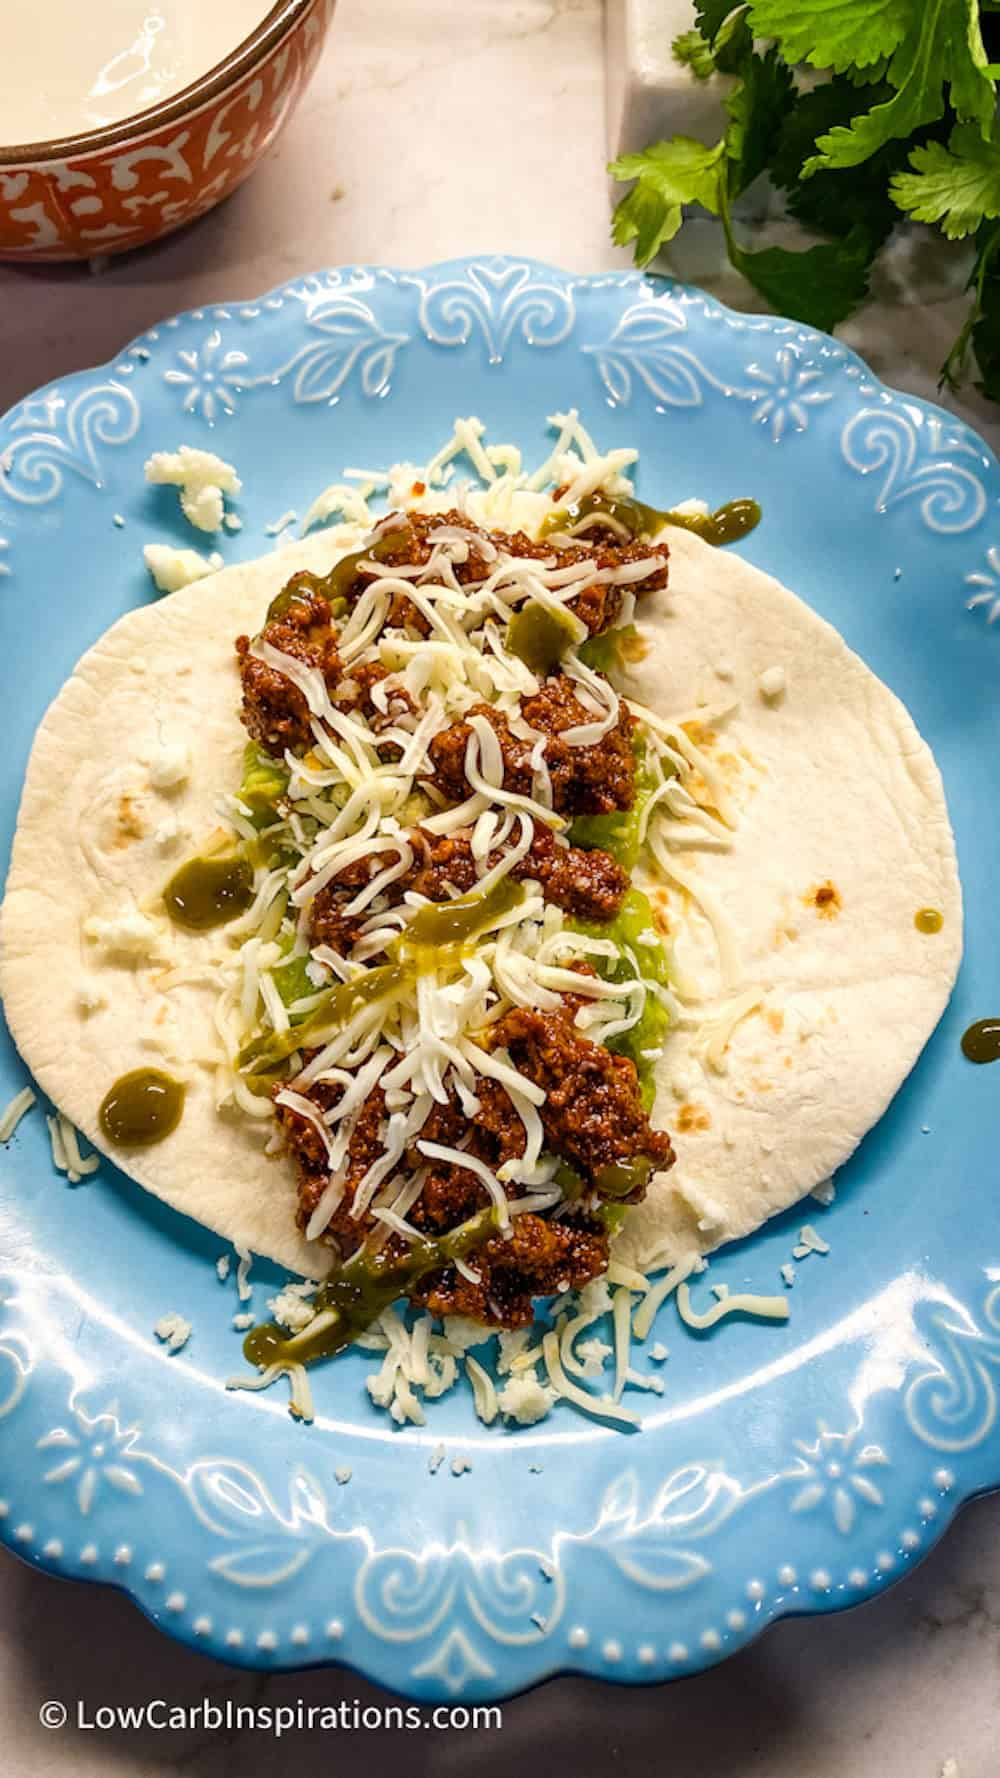 Taco on a blue plate